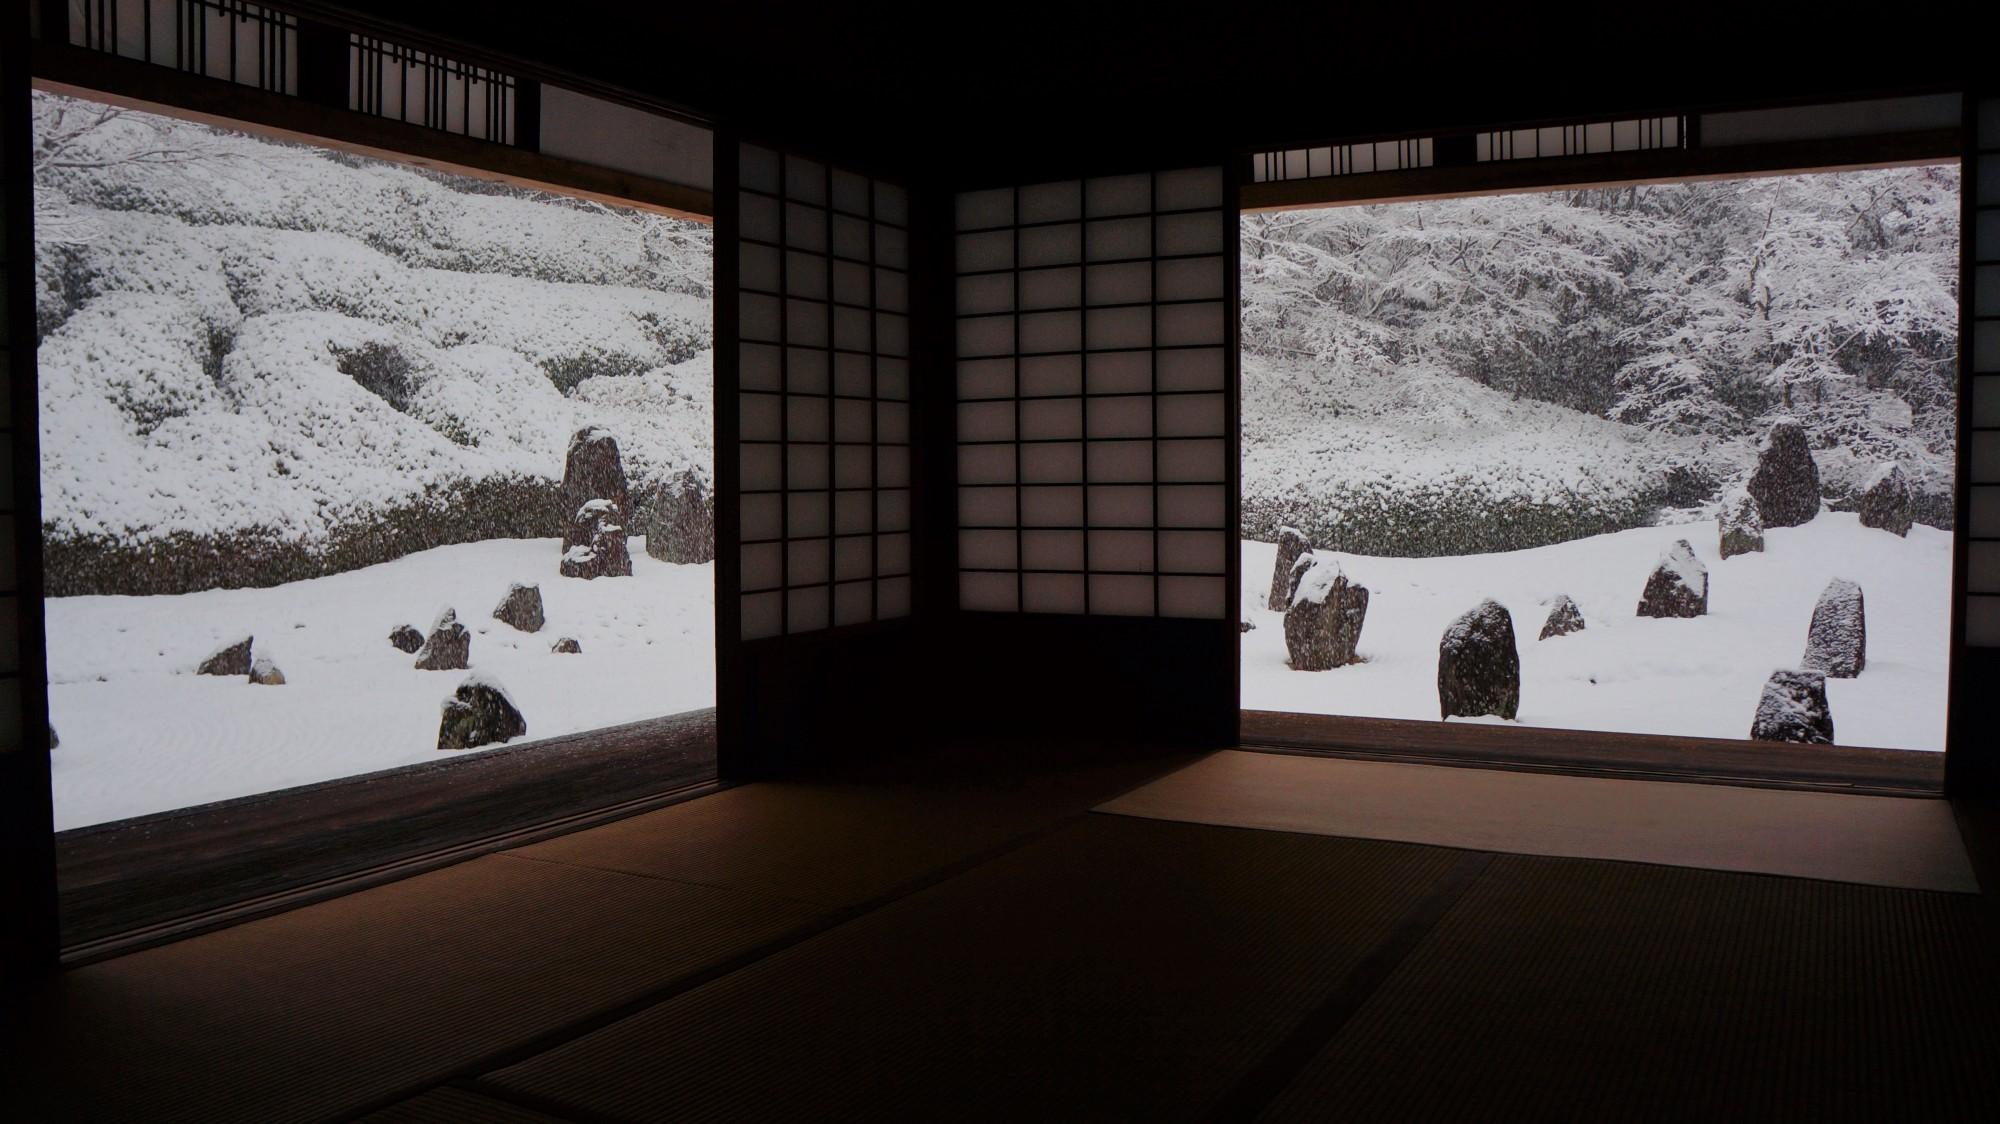 光明院 雪 銀世界の冬の日本庭園